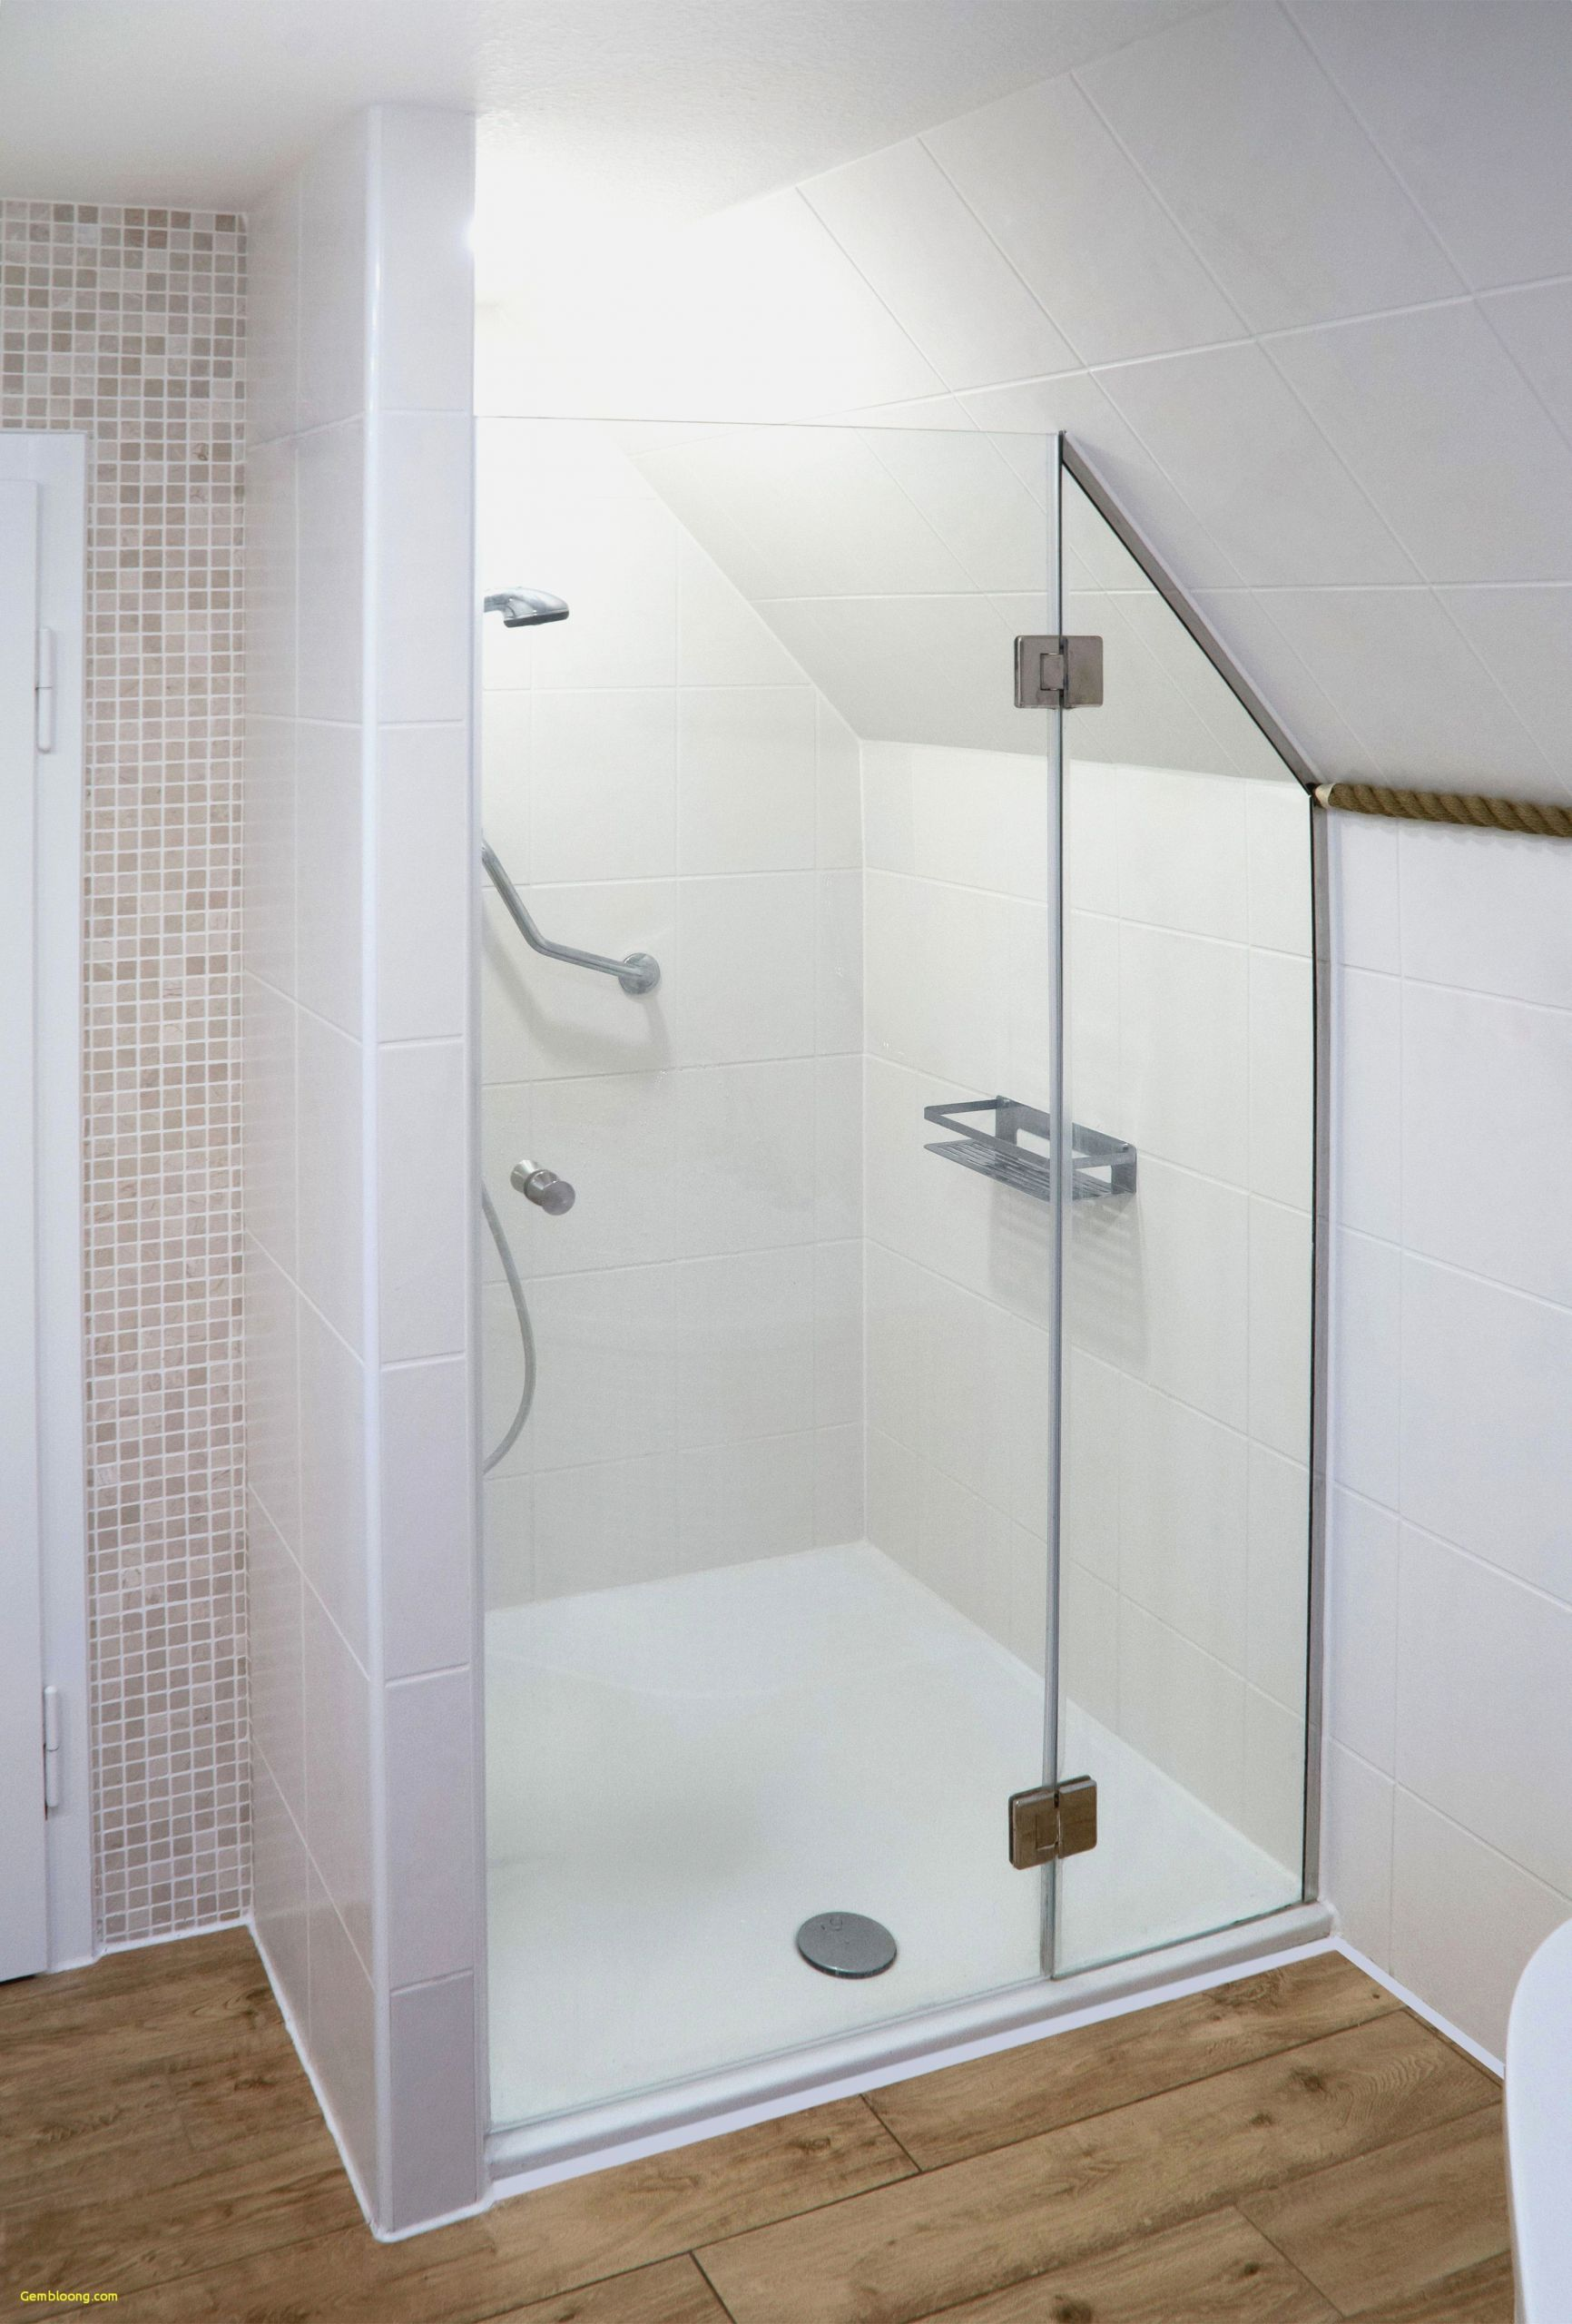 Full Size of Abfluss Dusche Bodengleiche Komplett Set Wand Hüppe Duschen Badewanne Mit Tür Und Unterputz Armatur Sprinz Bodenebene Fliesen Für Ebenerdig Grohe Dusche Abfluss Dusche